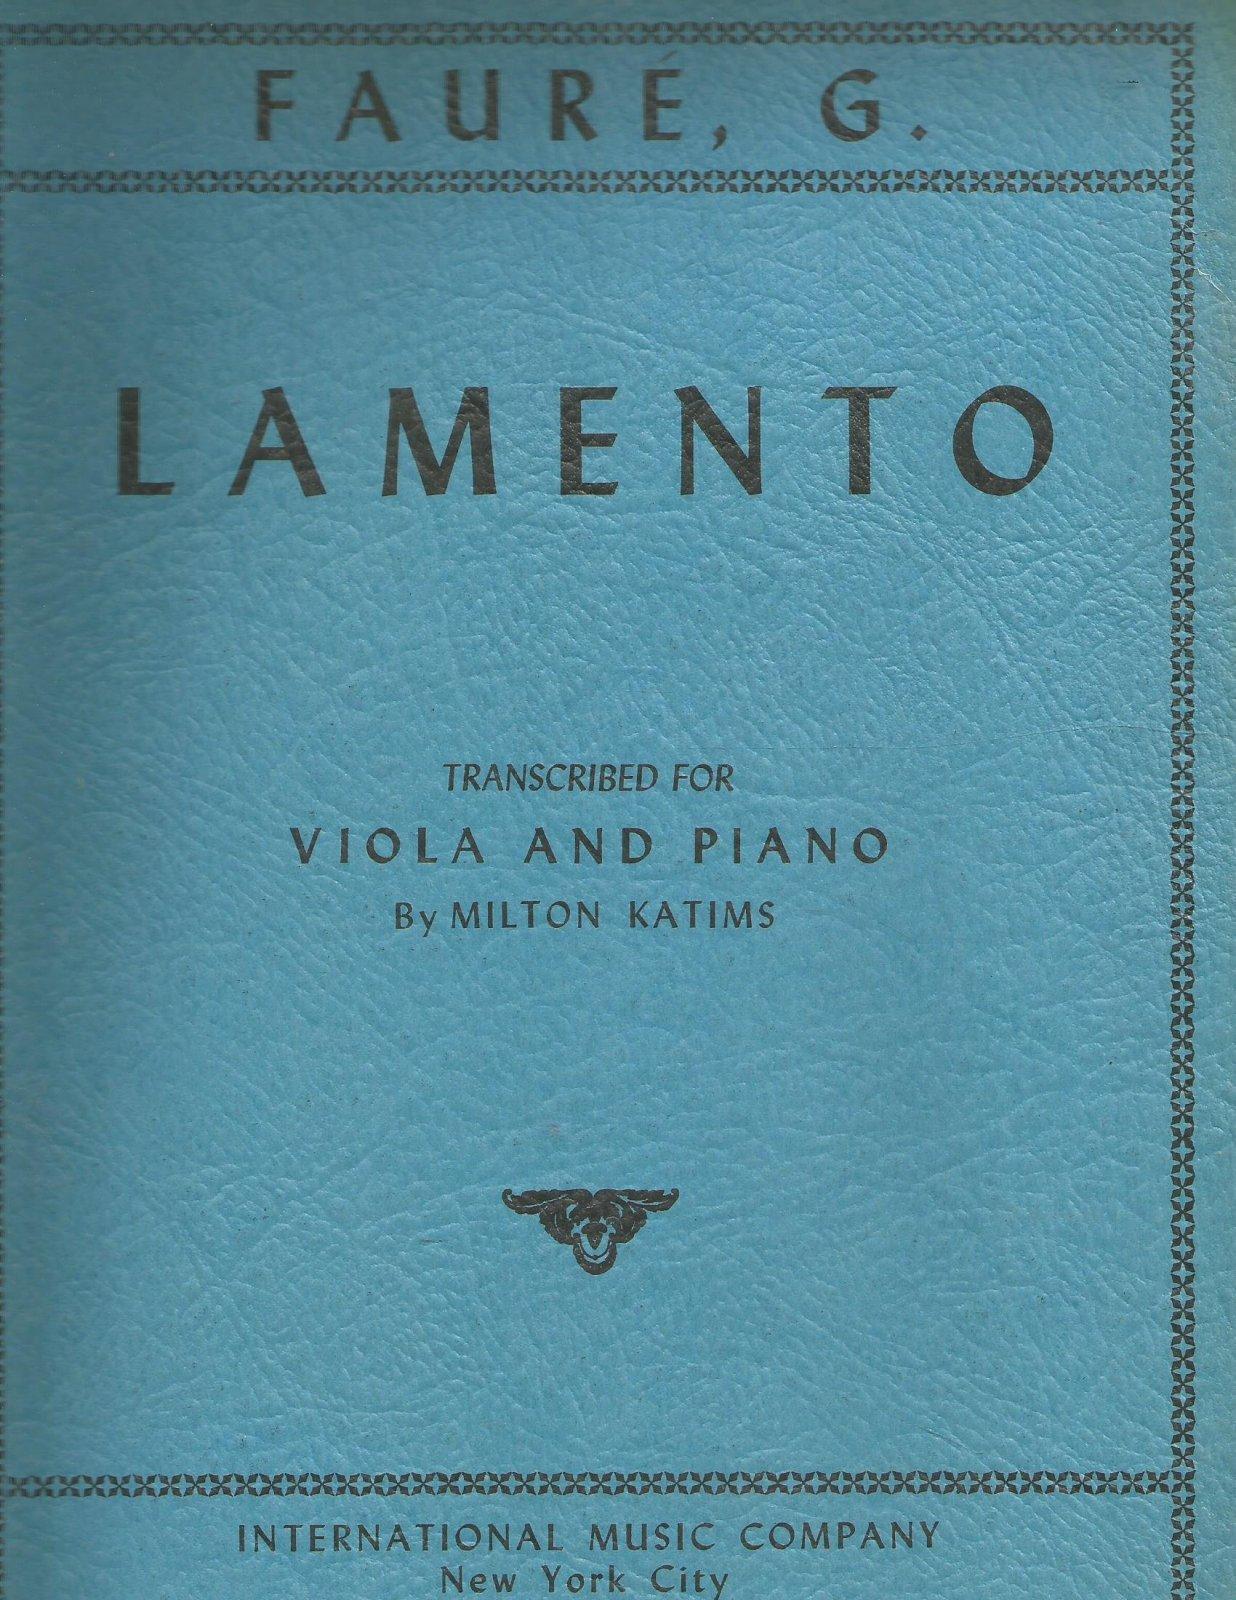 Faure: Lamento for Viola Ed. Katims